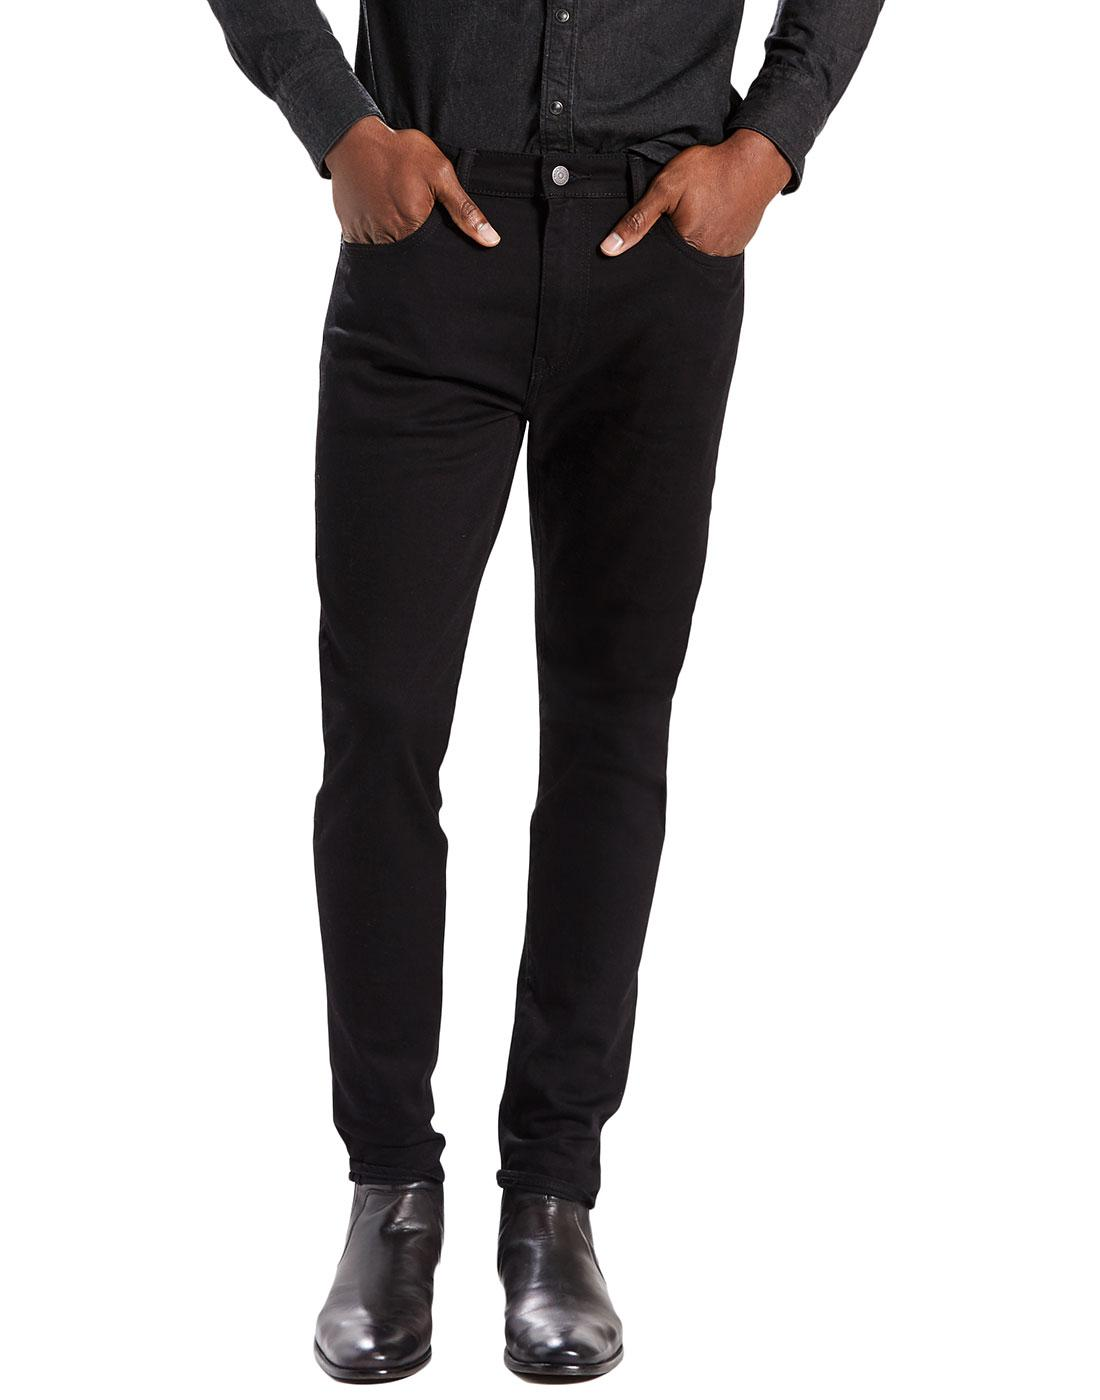 LEVI'S 512 Slim Tapered Mod Denim Jeans NIGHTSHINE